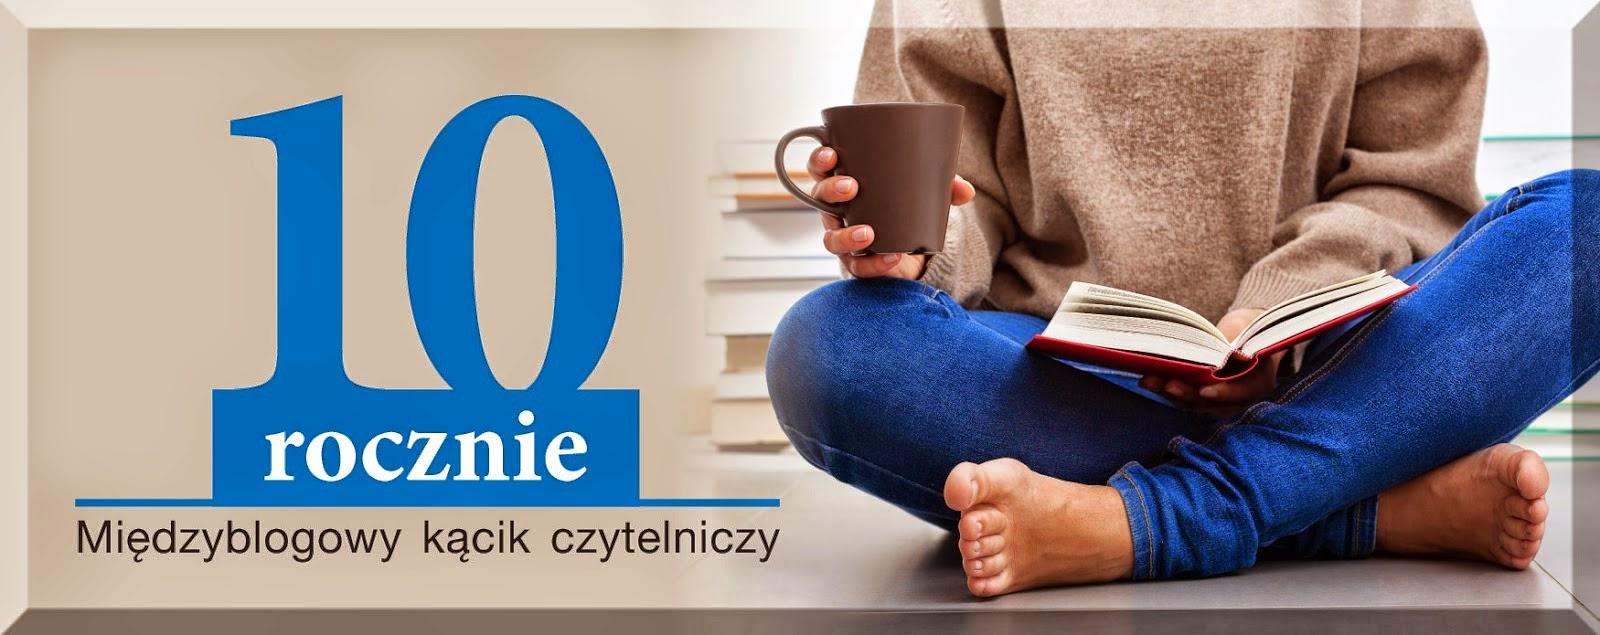 http://zielenie.blogspot.com/2015/02/miedzyblogowy-kacik-czytelniczy.html